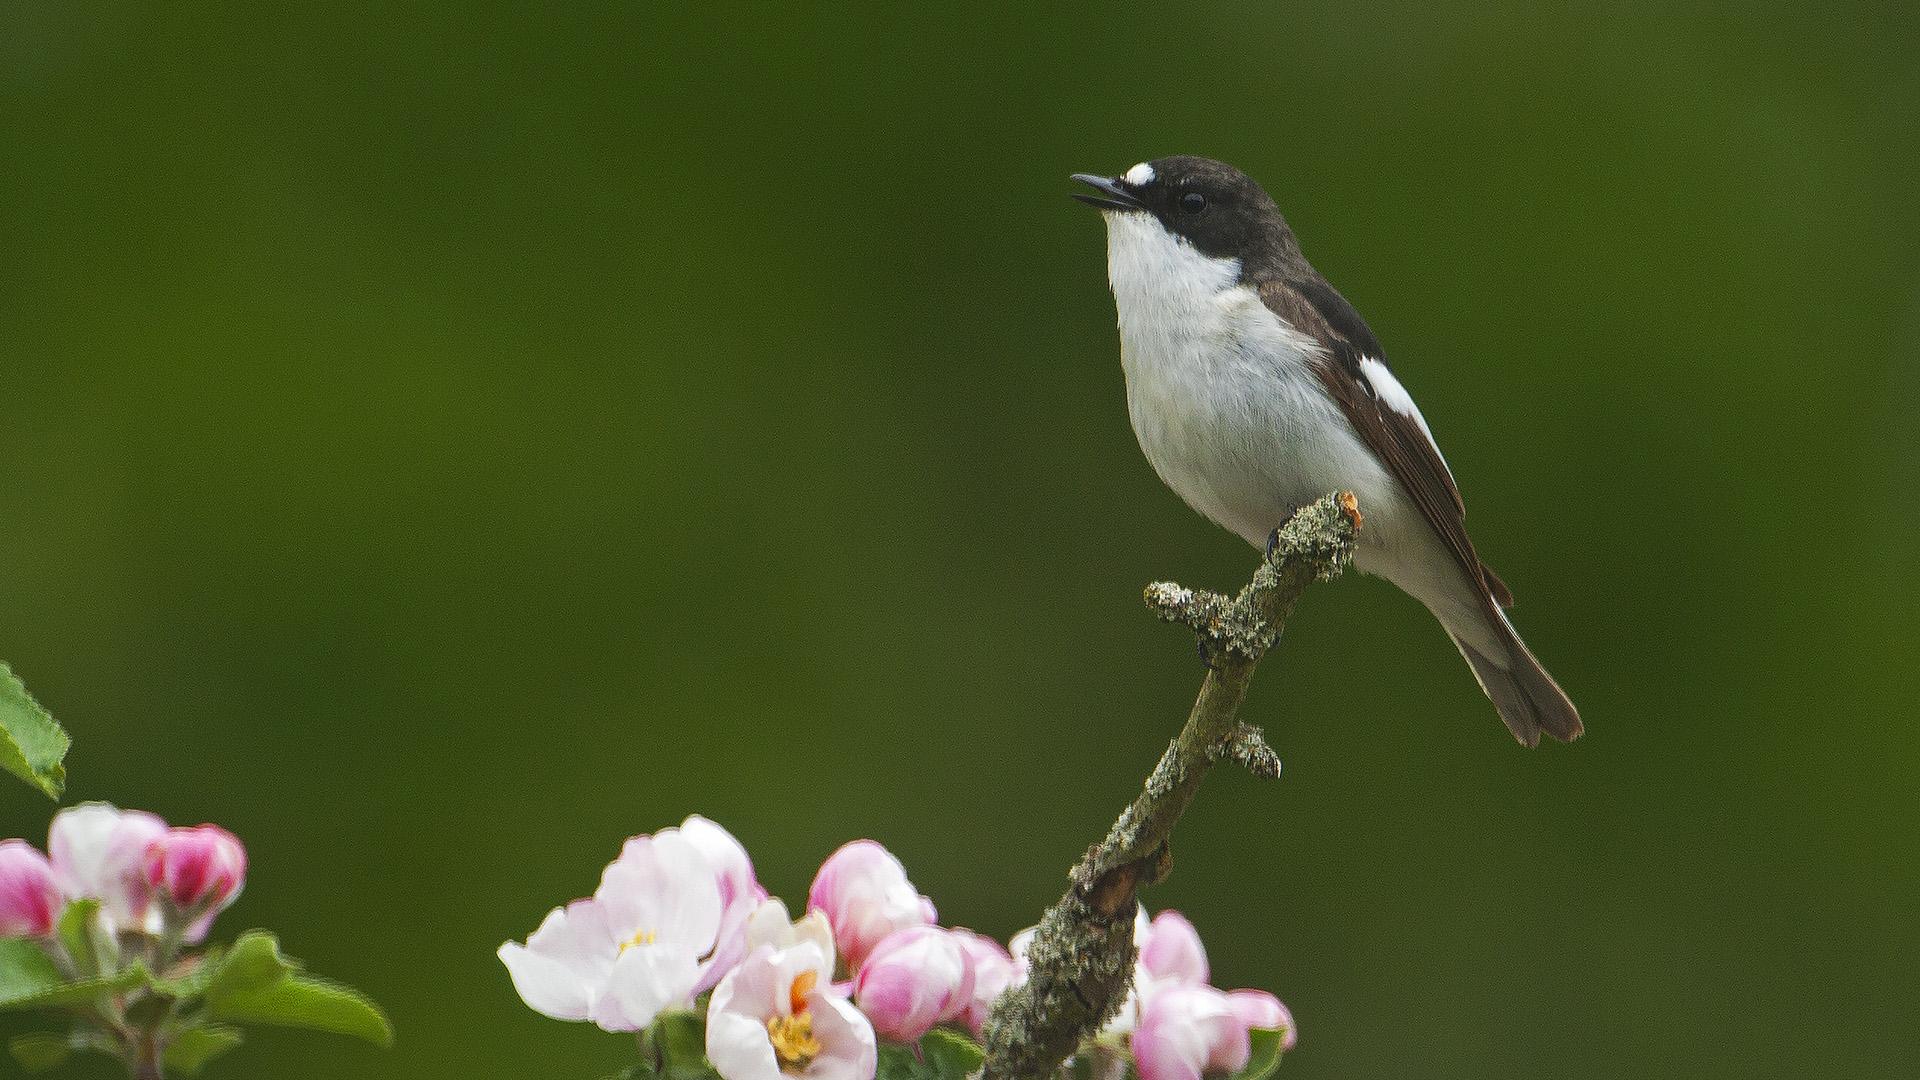 Fåglar hjälper till att minska antalet skadeinsekter i våra odlingar. Foto: Patrik Olofsson/N